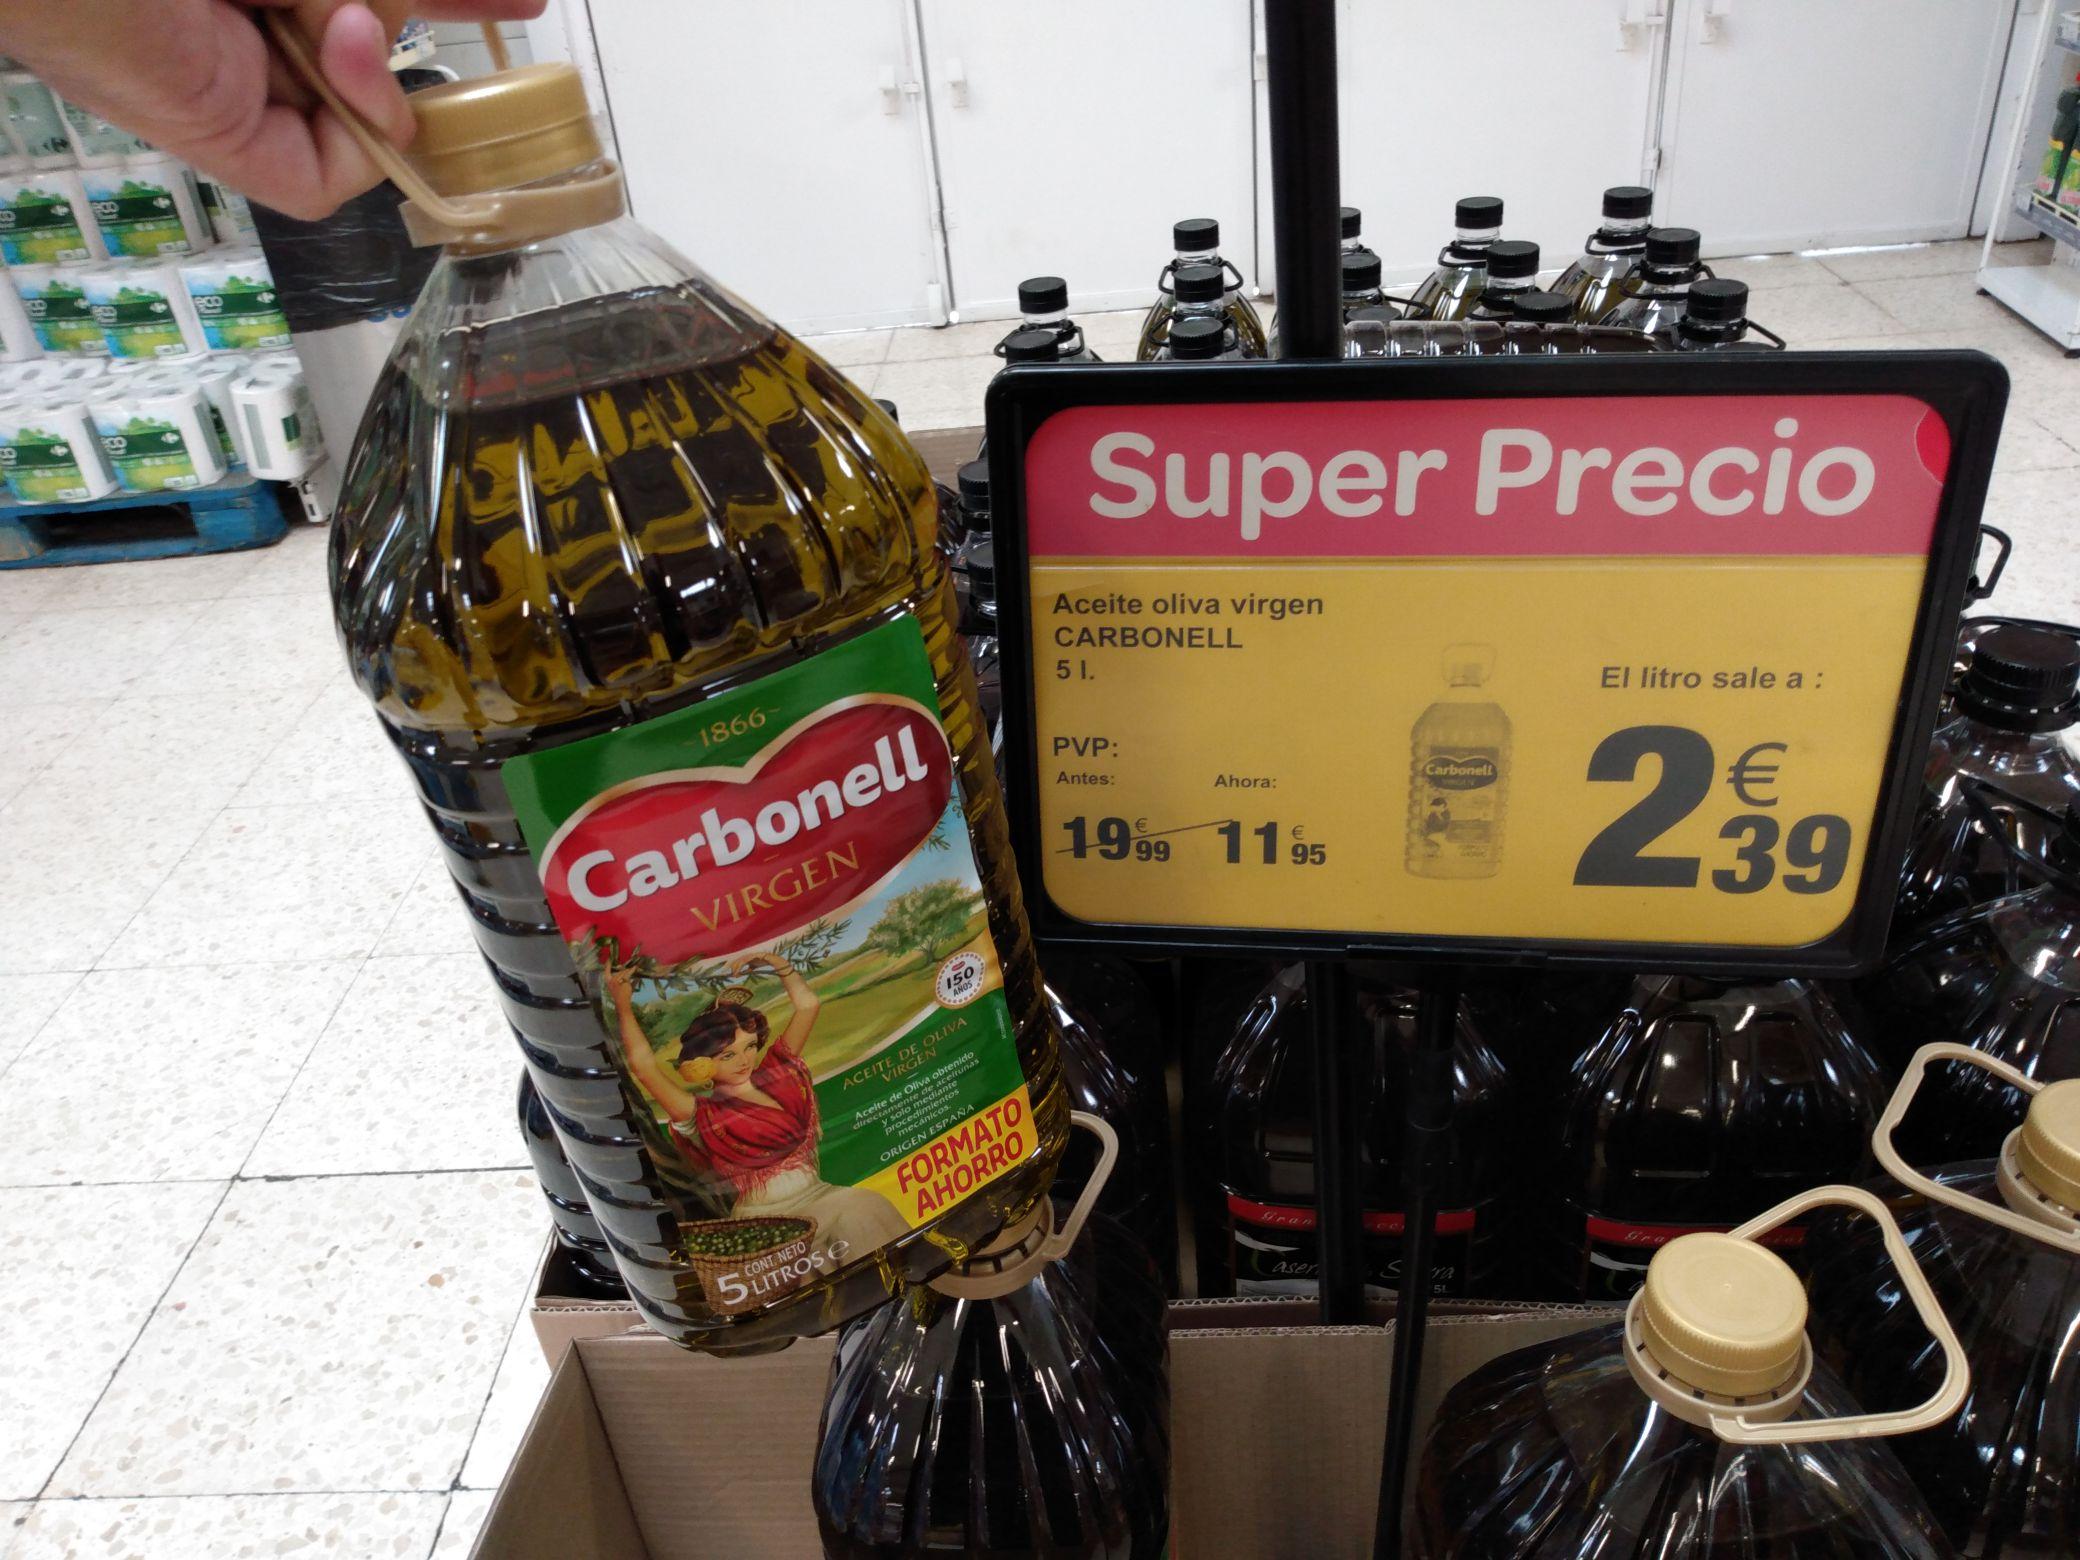 Garrafa 5 litro de aceite de oliva virgen Carbonell en Carrefour Castellón a 11,95€